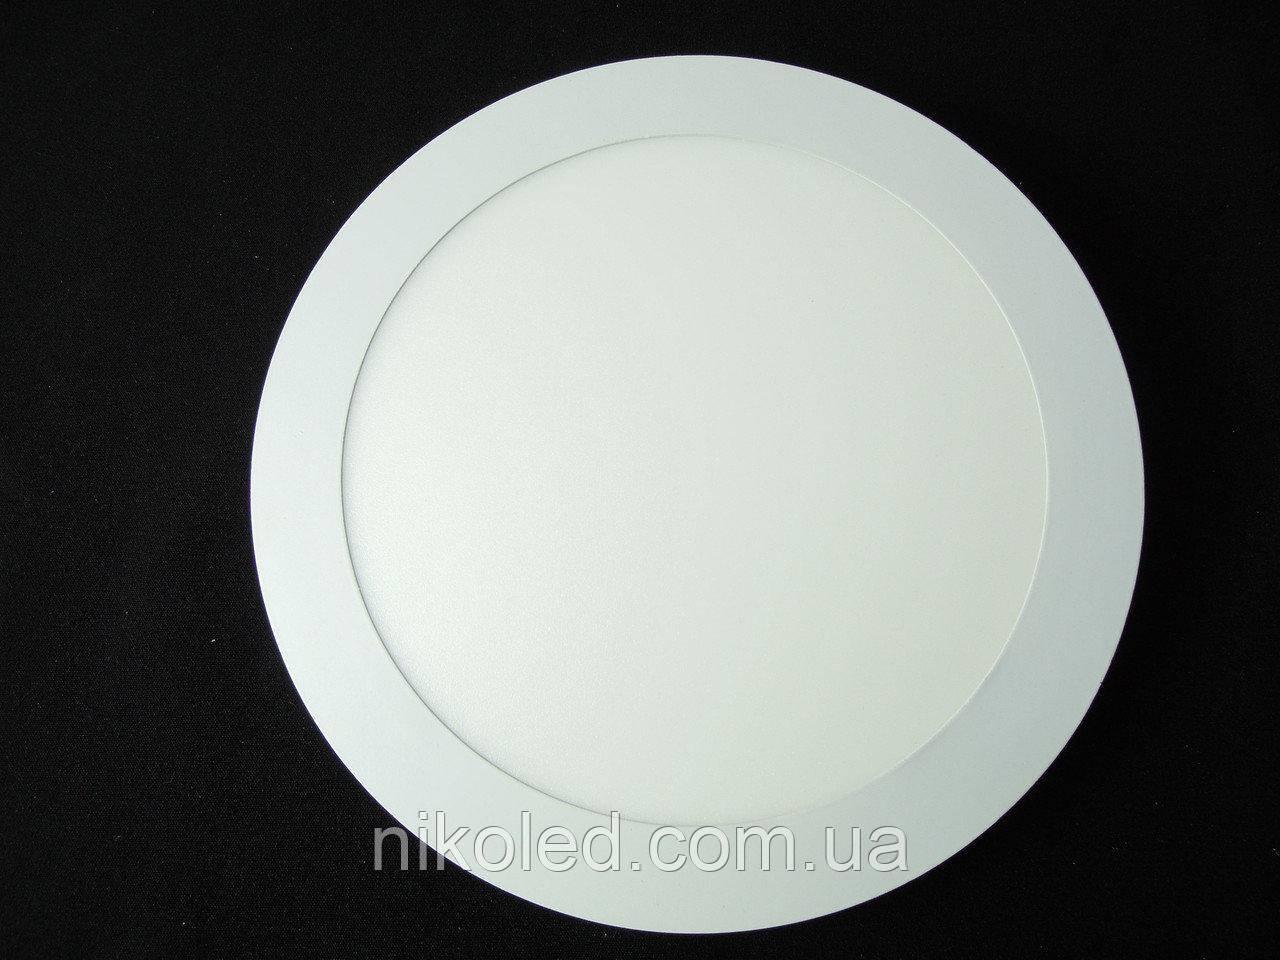 Светильник точечный Slim LED 18W круг Теплый белый